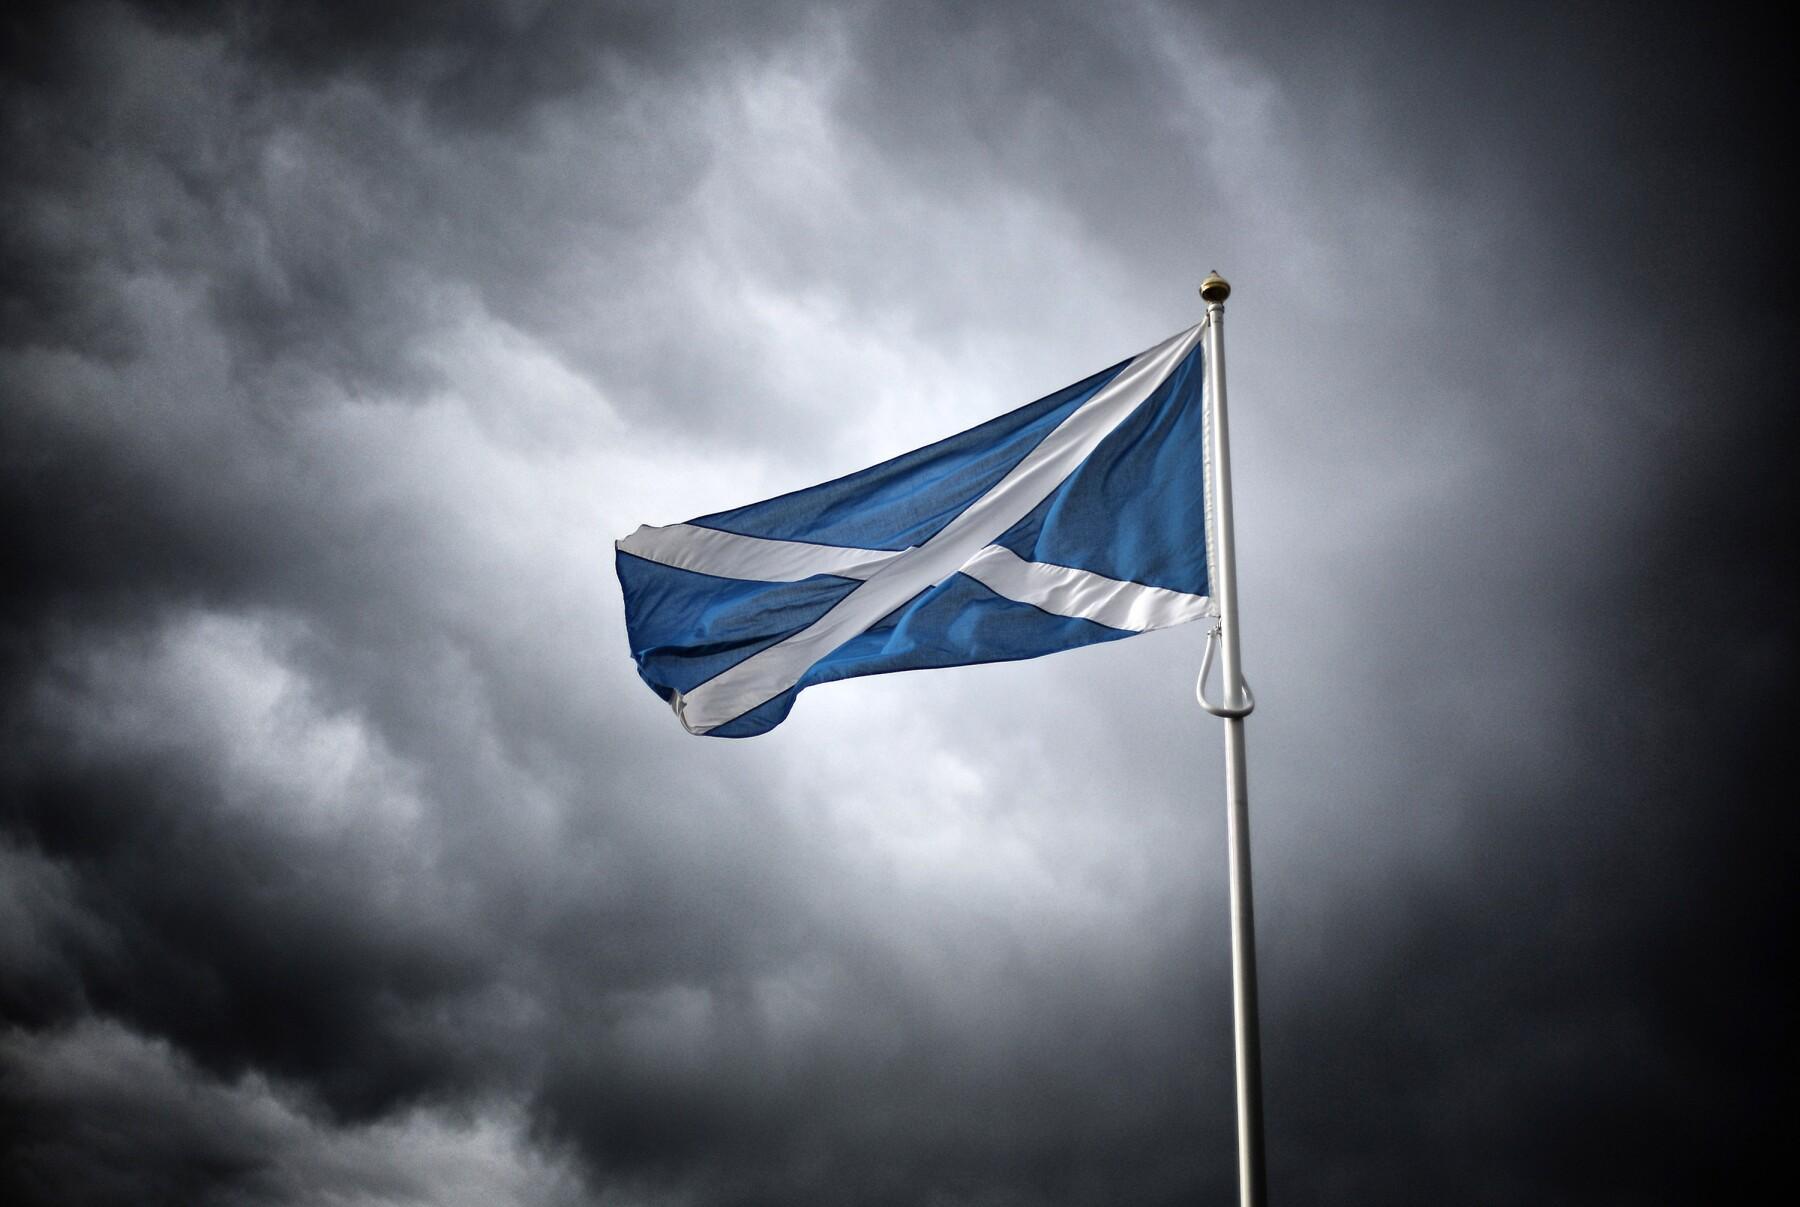 La separación de Reino Unido daría impulso al movimiento independentista escocés.